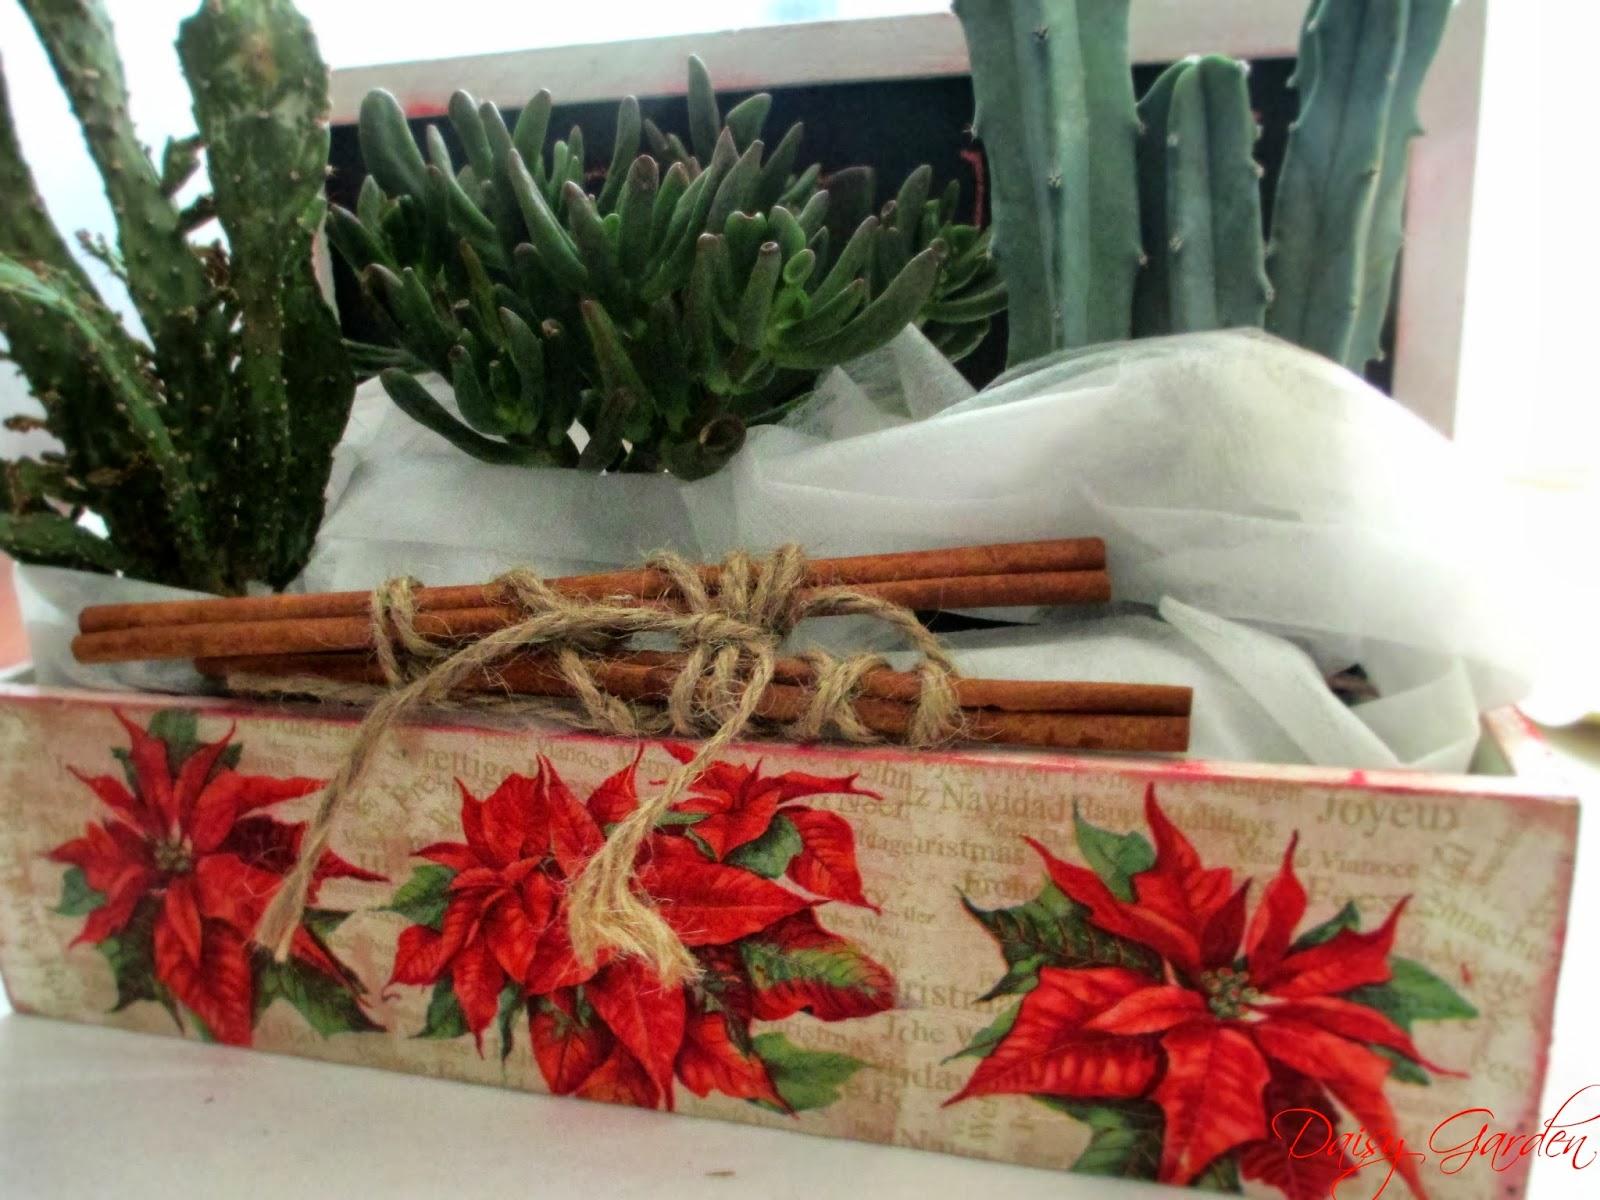 Favorito Daisy Garden: I Regali di Natale - Una cassetta di legno con  NV84